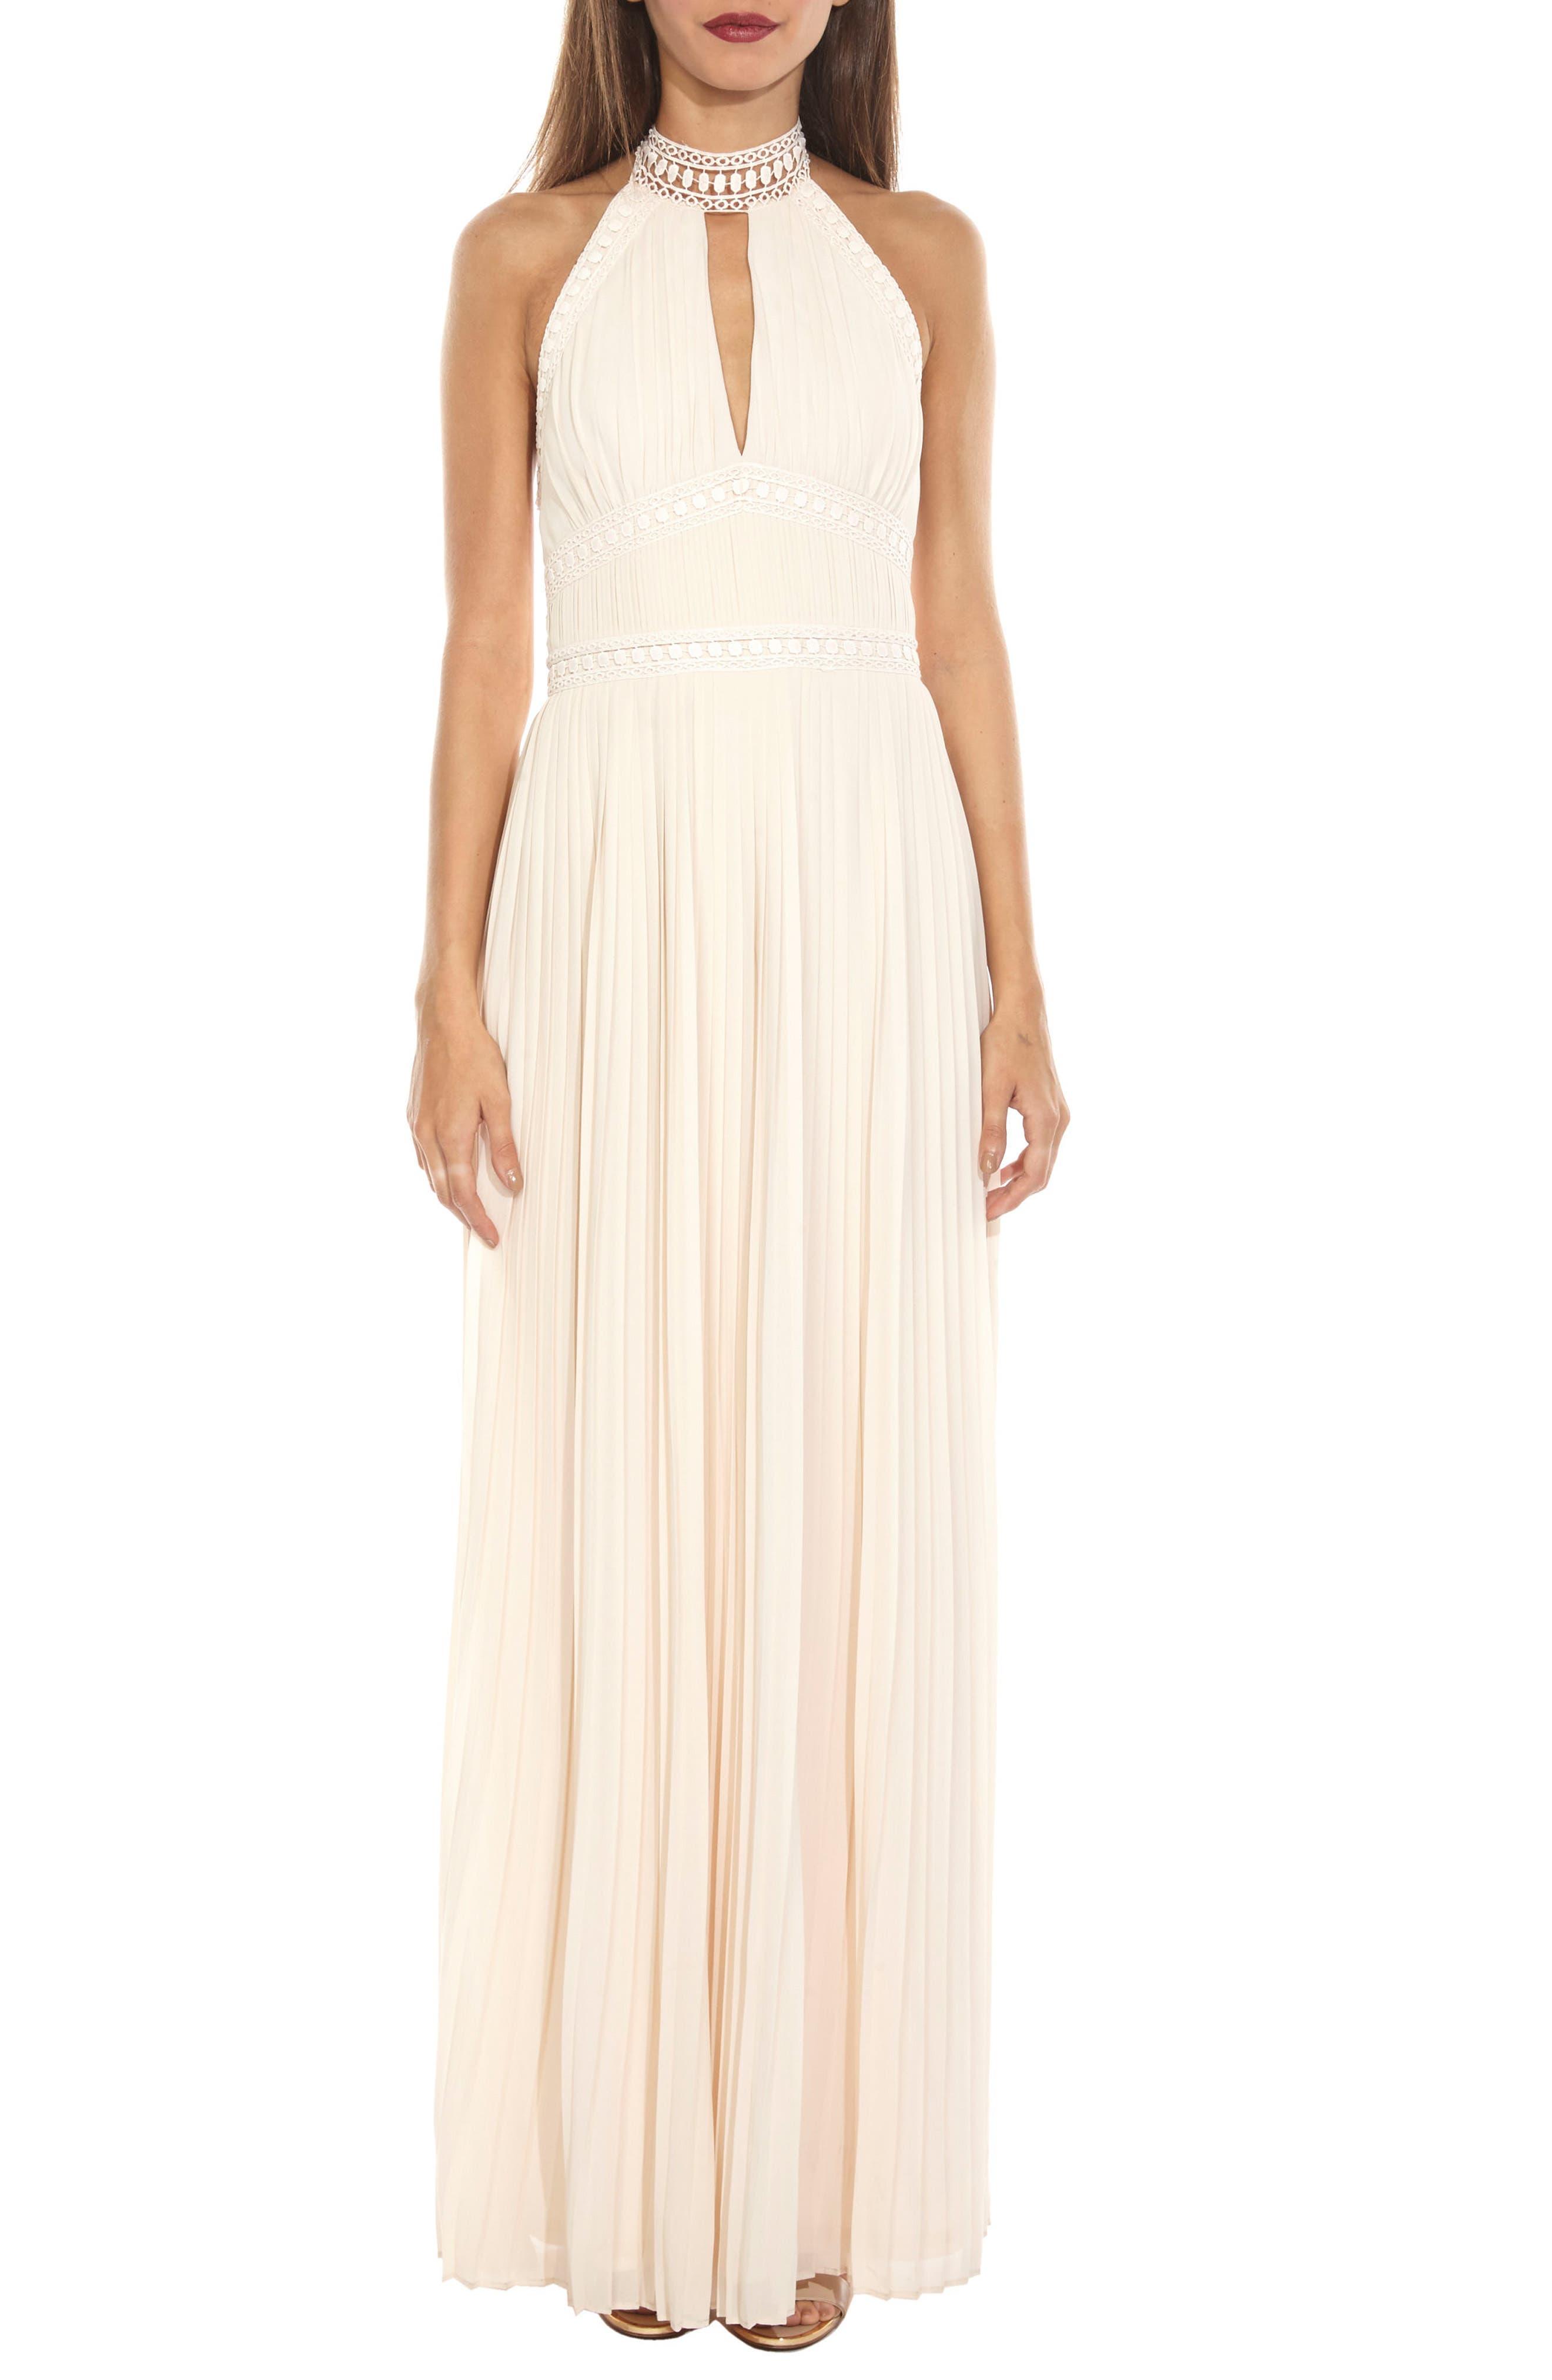 Corinne Lace Trim Halter Maxi Dress,                         Main,                         color, 280